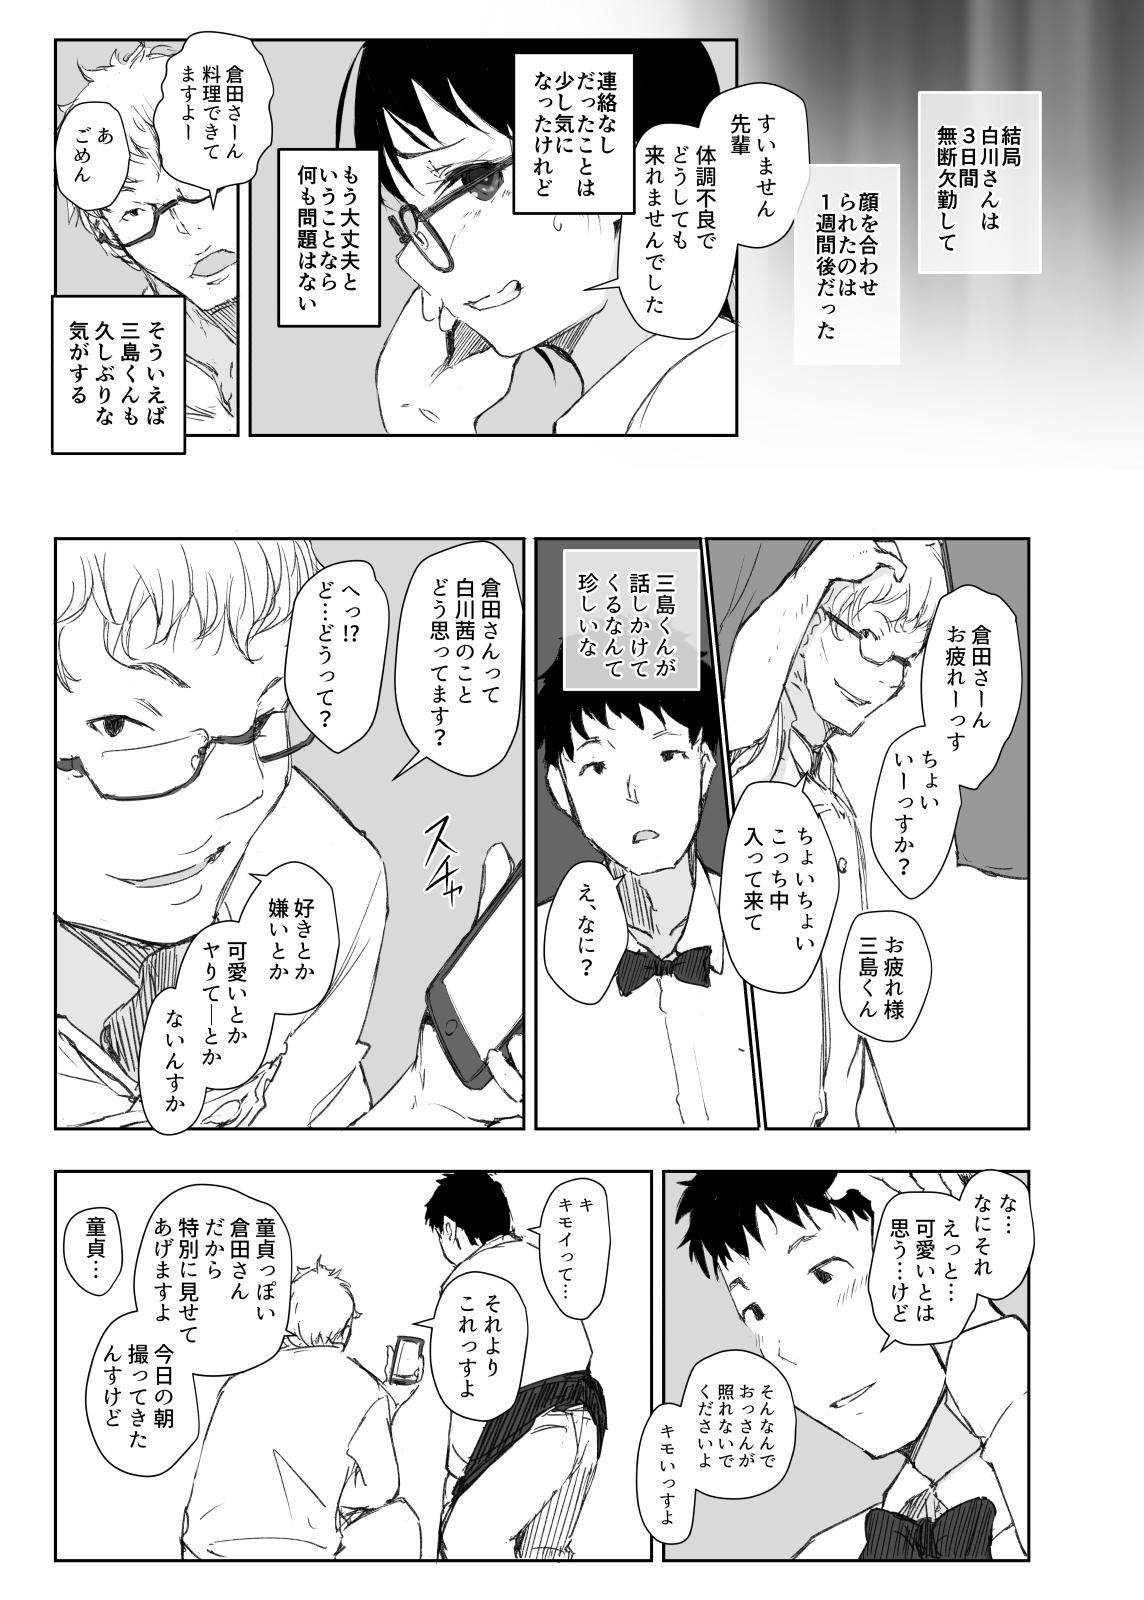 Shortcut de Megane no Niau Hitonatsukoi Beit no Kouhai ga Yarichin Douryou no Kuruma de Okurarete kara Mudankekkin Shiteiru + Omake 8